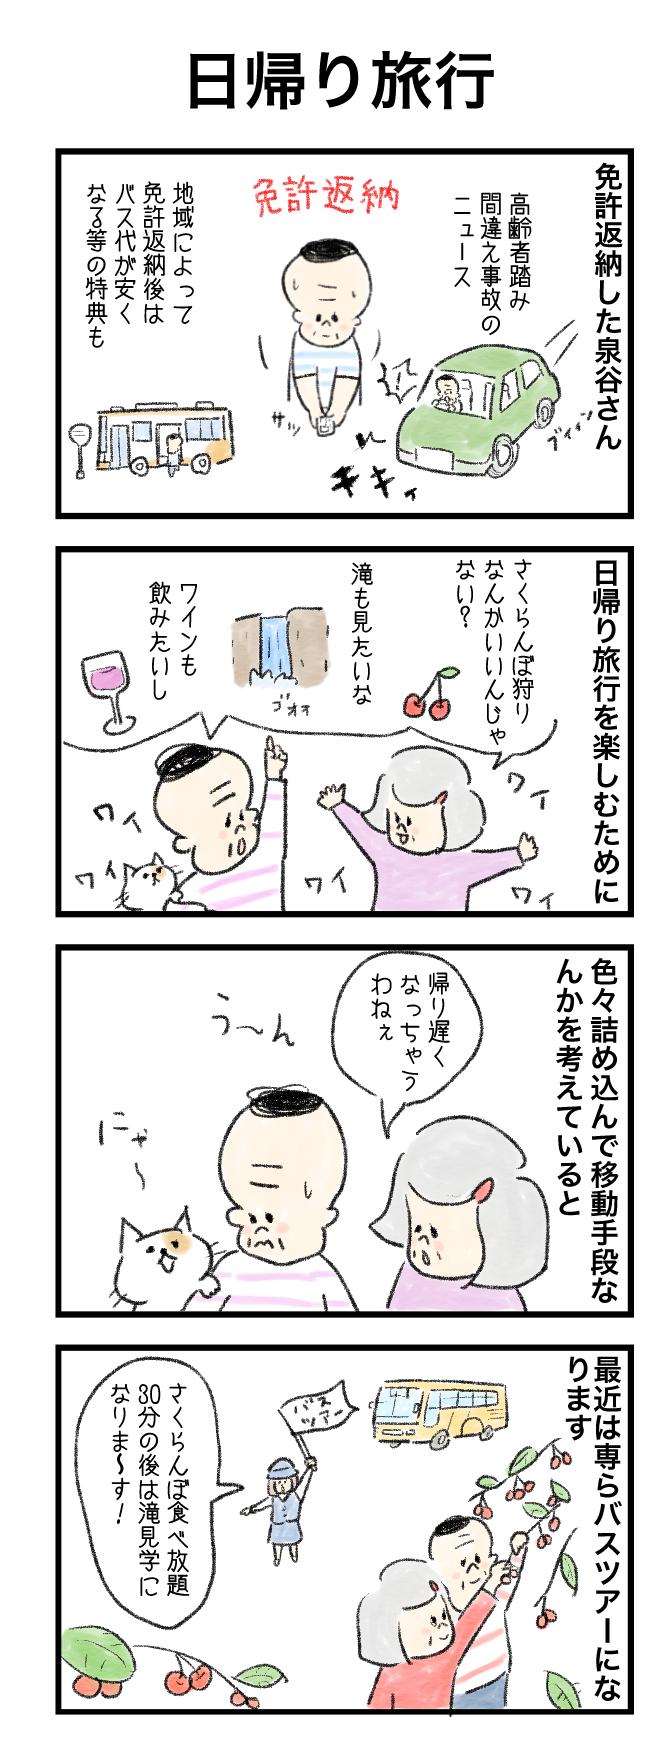 今日の泉谷さん【29】 作:カワサキヒロシ「日帰り旅行」